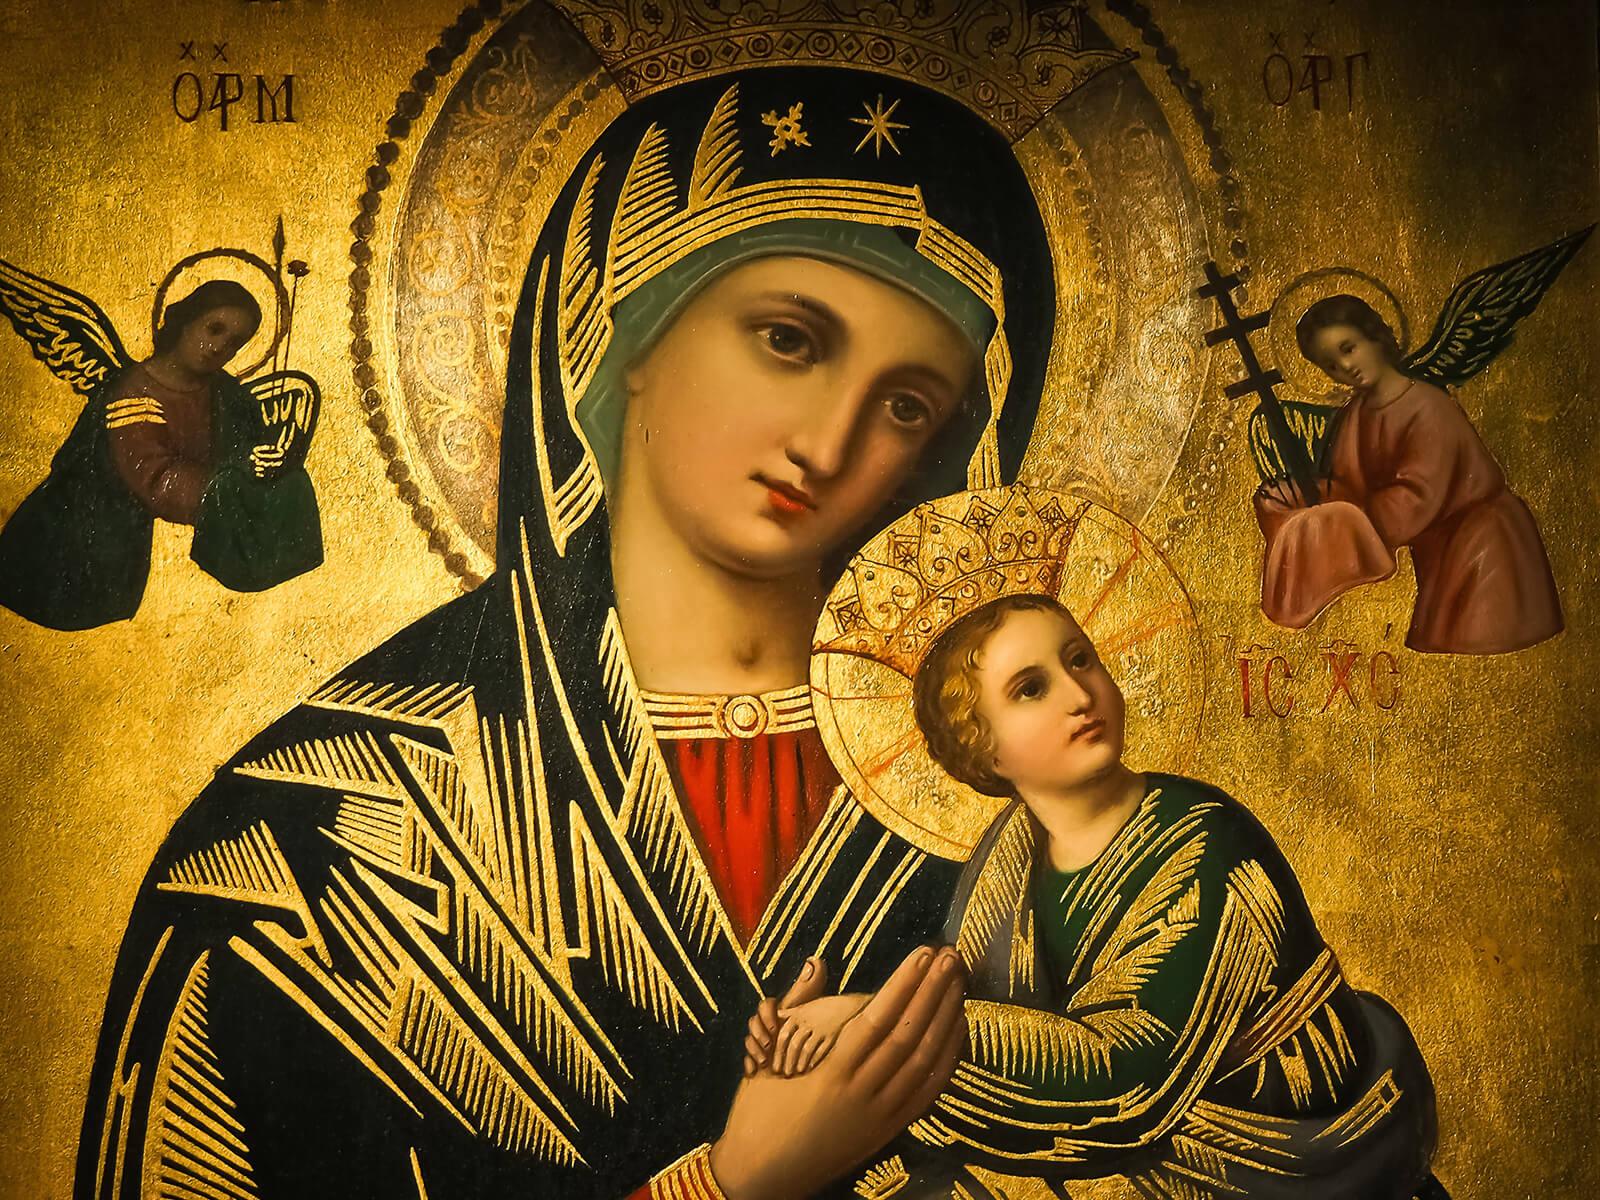 Jesus und seine Geburt (c) CC0 1.0 - Public Domain (von unsplash.com)